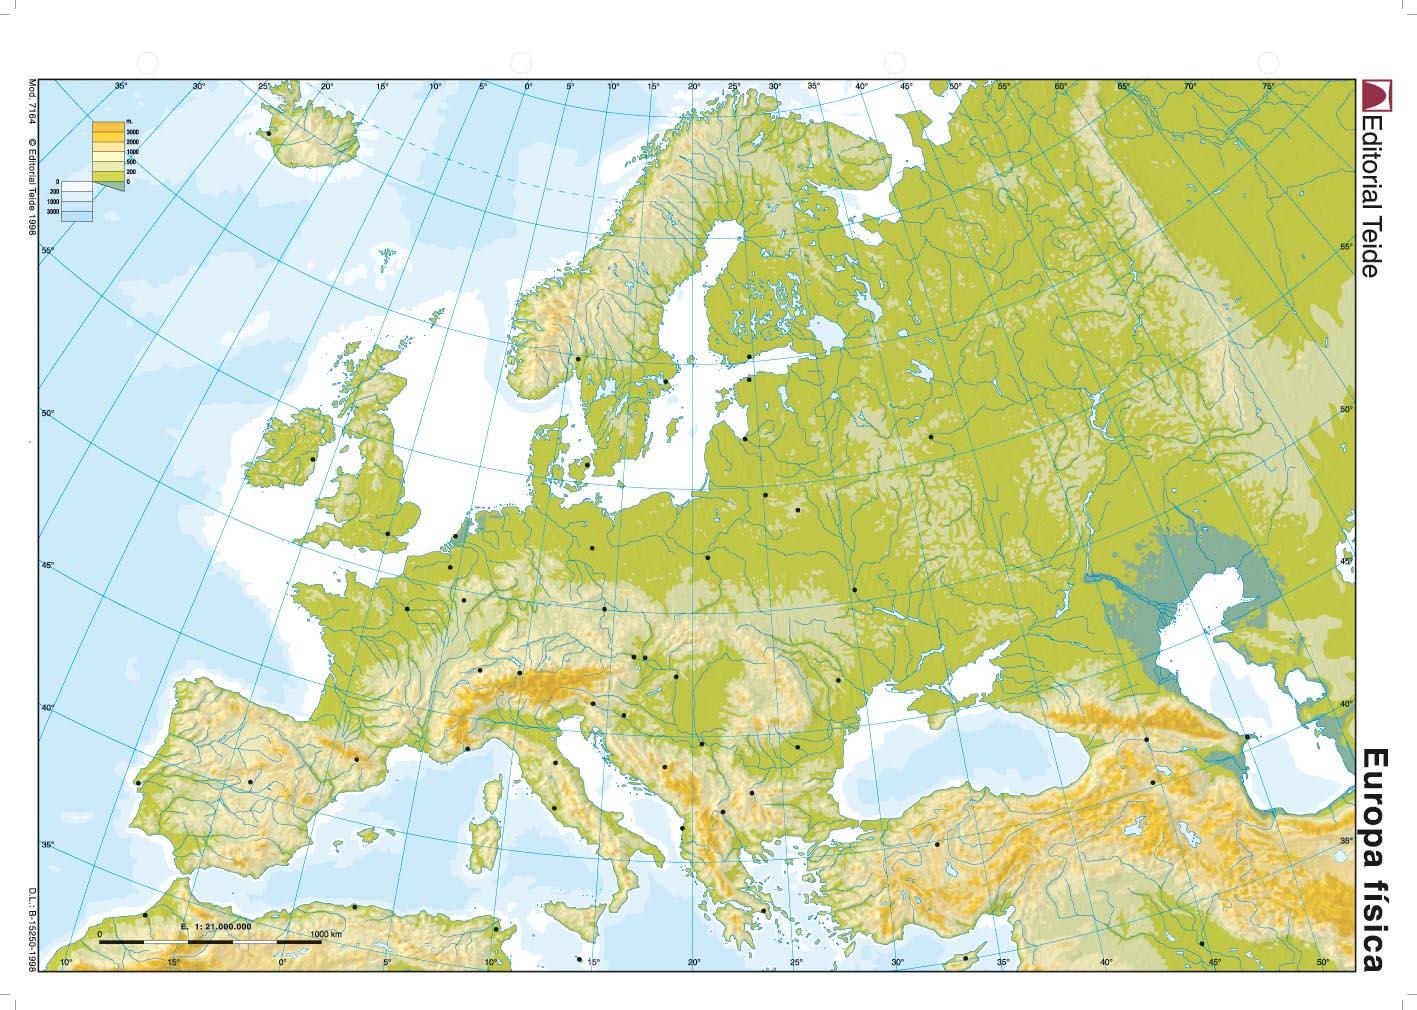 Europa Mapa Físico - ThingLink